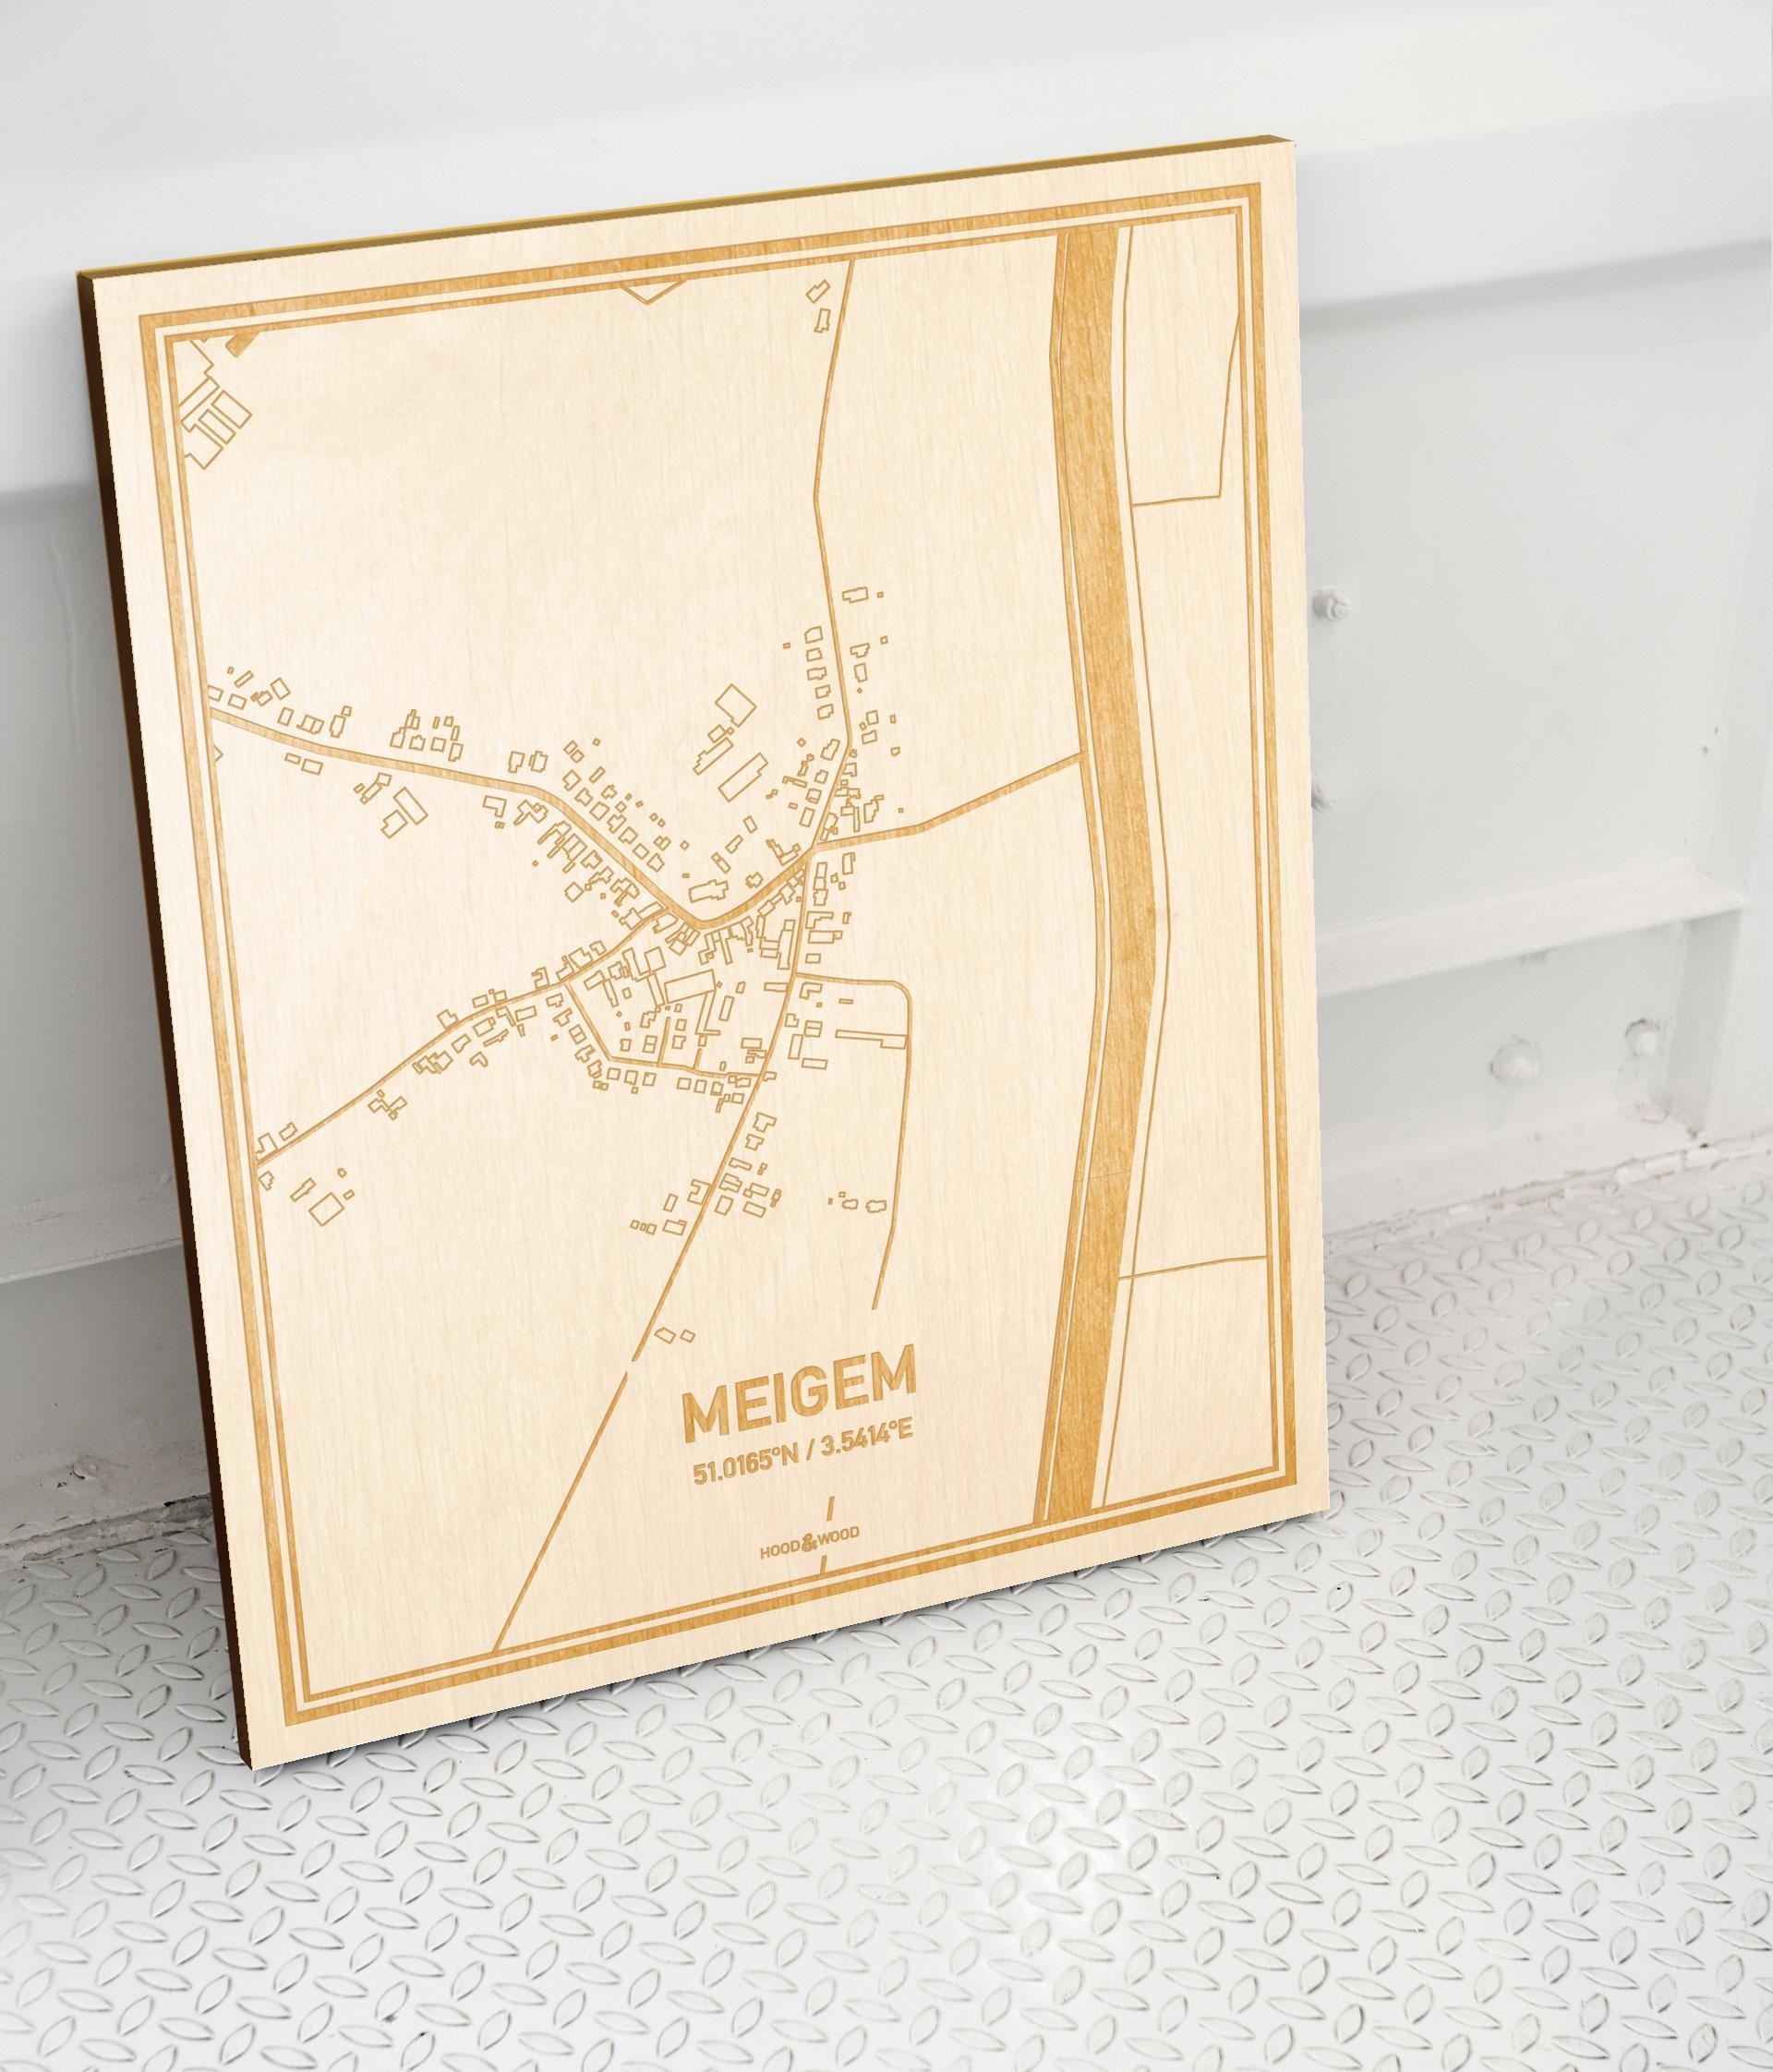 Plattegrond Meigem als prachtige houten wanddecoratie. Het warme hout contrasteert mooi met de witte muur.